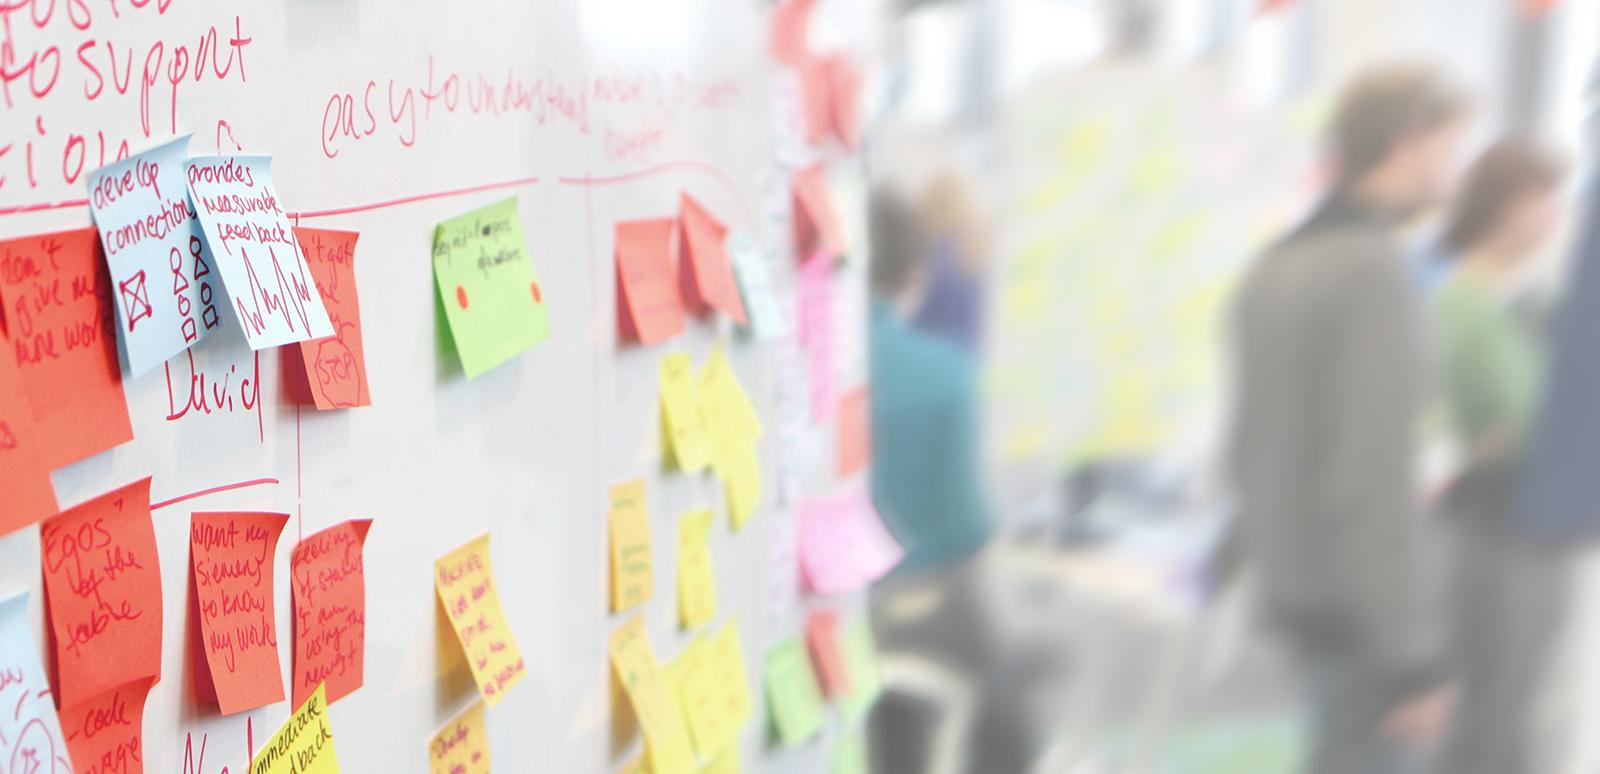 Continuous design в разработке: методология и принцип - 1